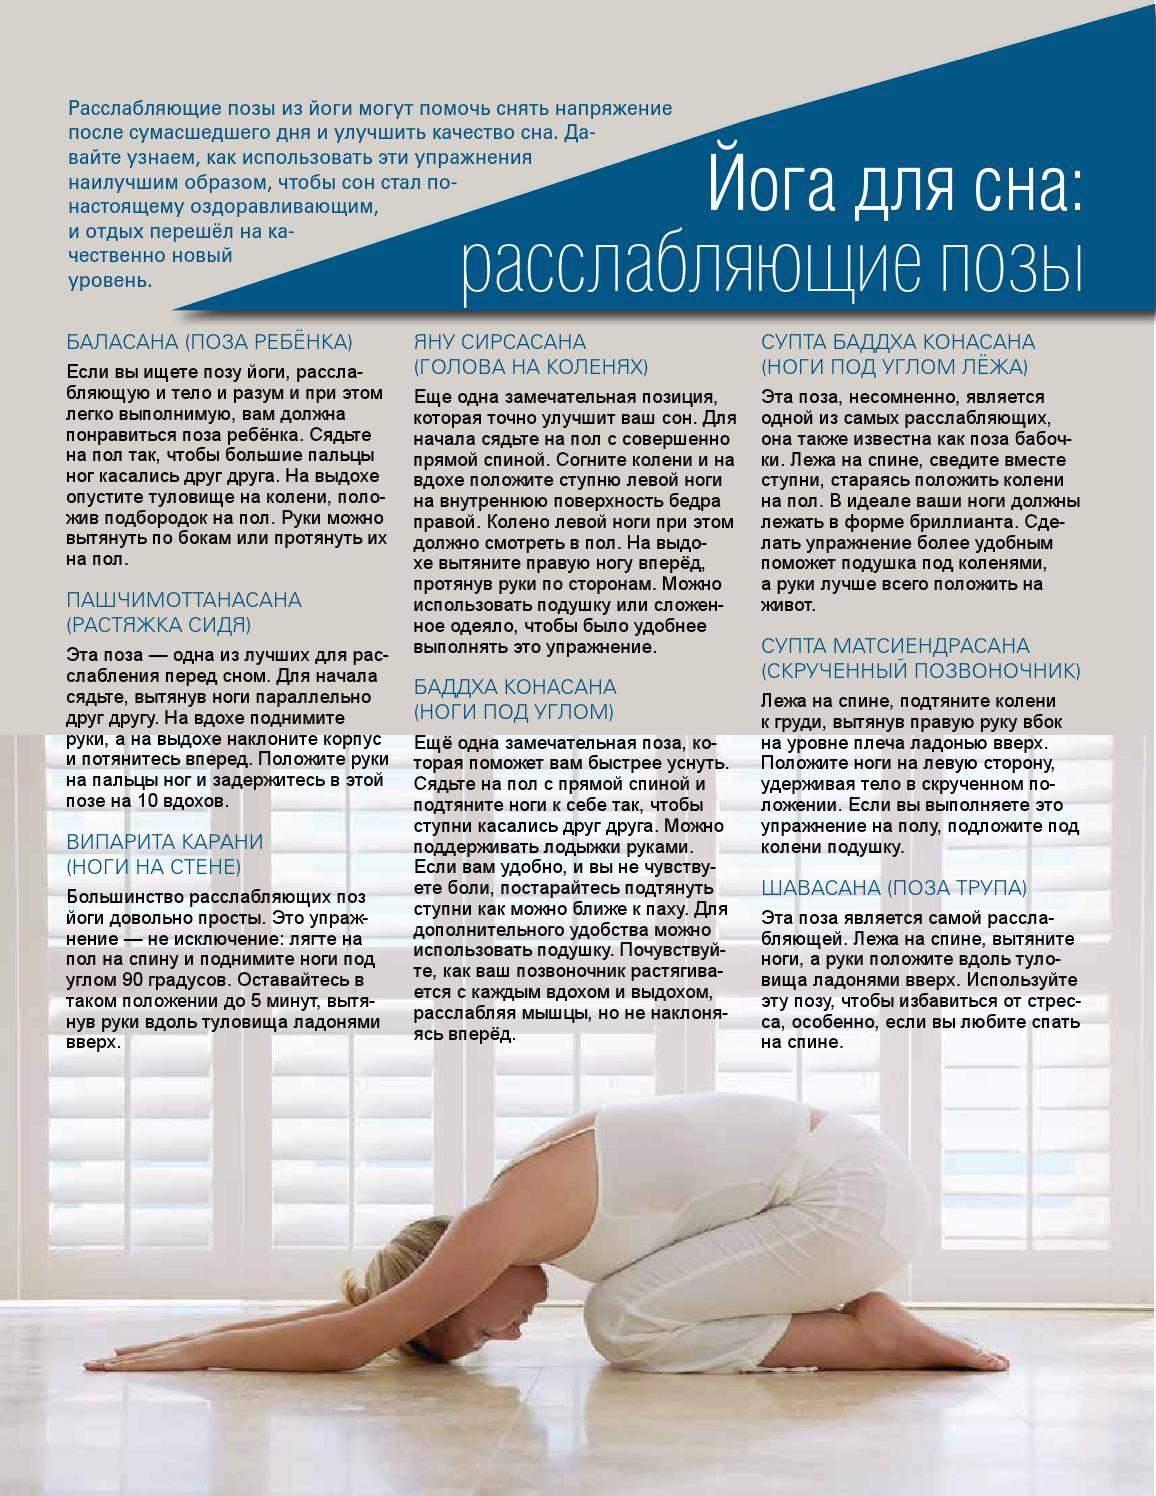 Правильная поза для сна у взрослых, детей и беременных